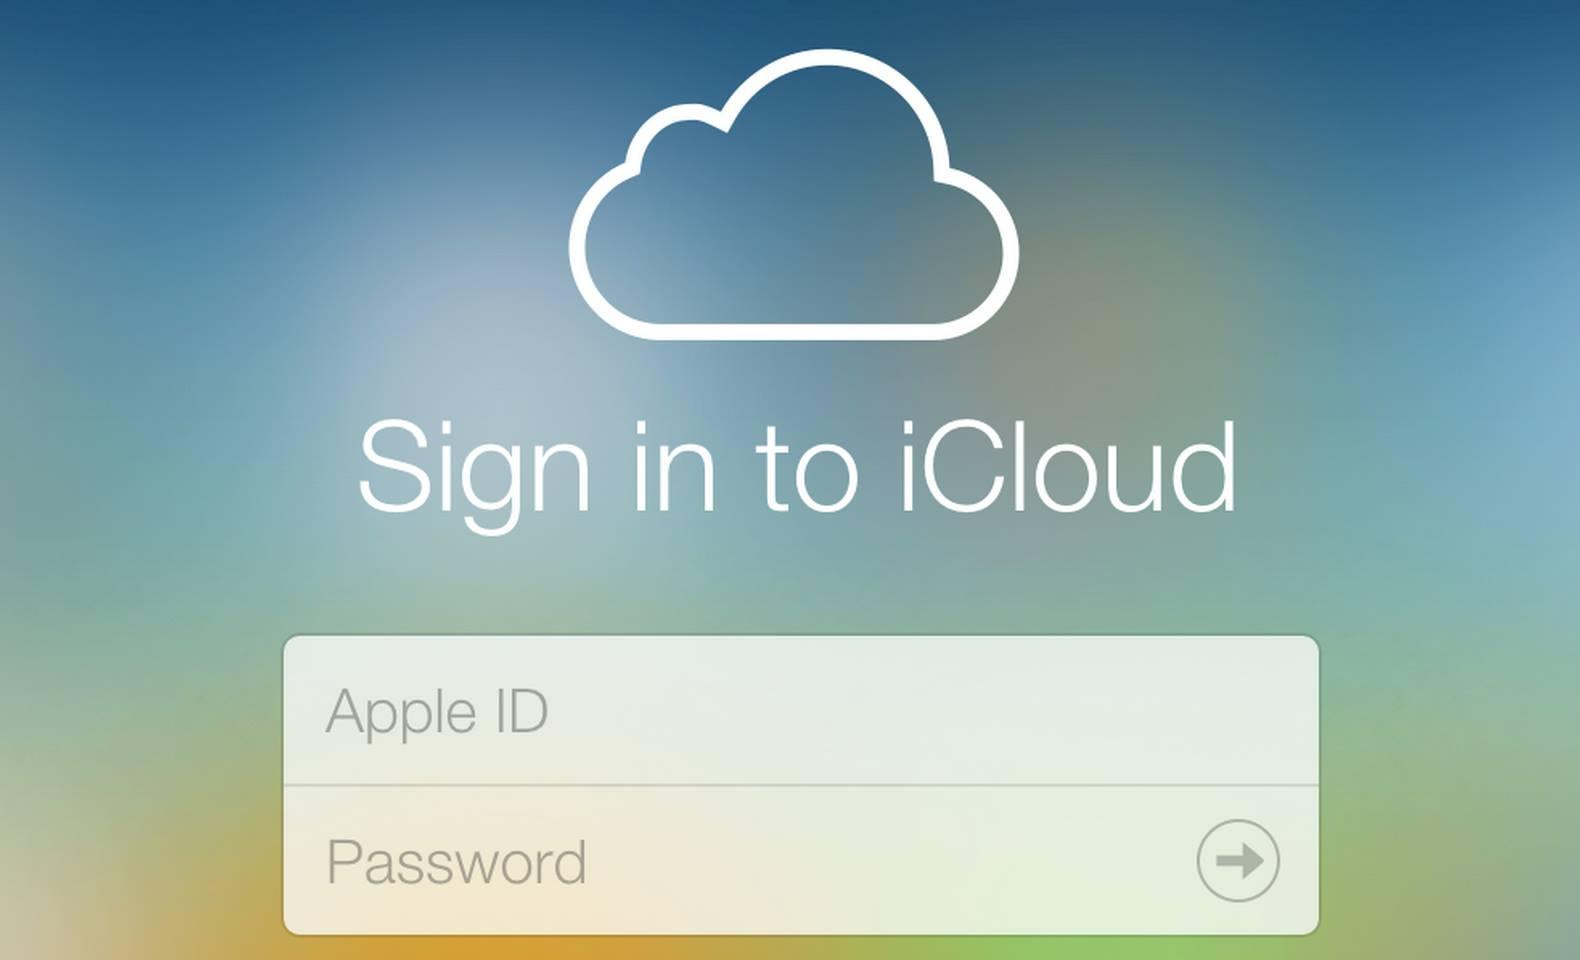 Как узнать пароль от icloud